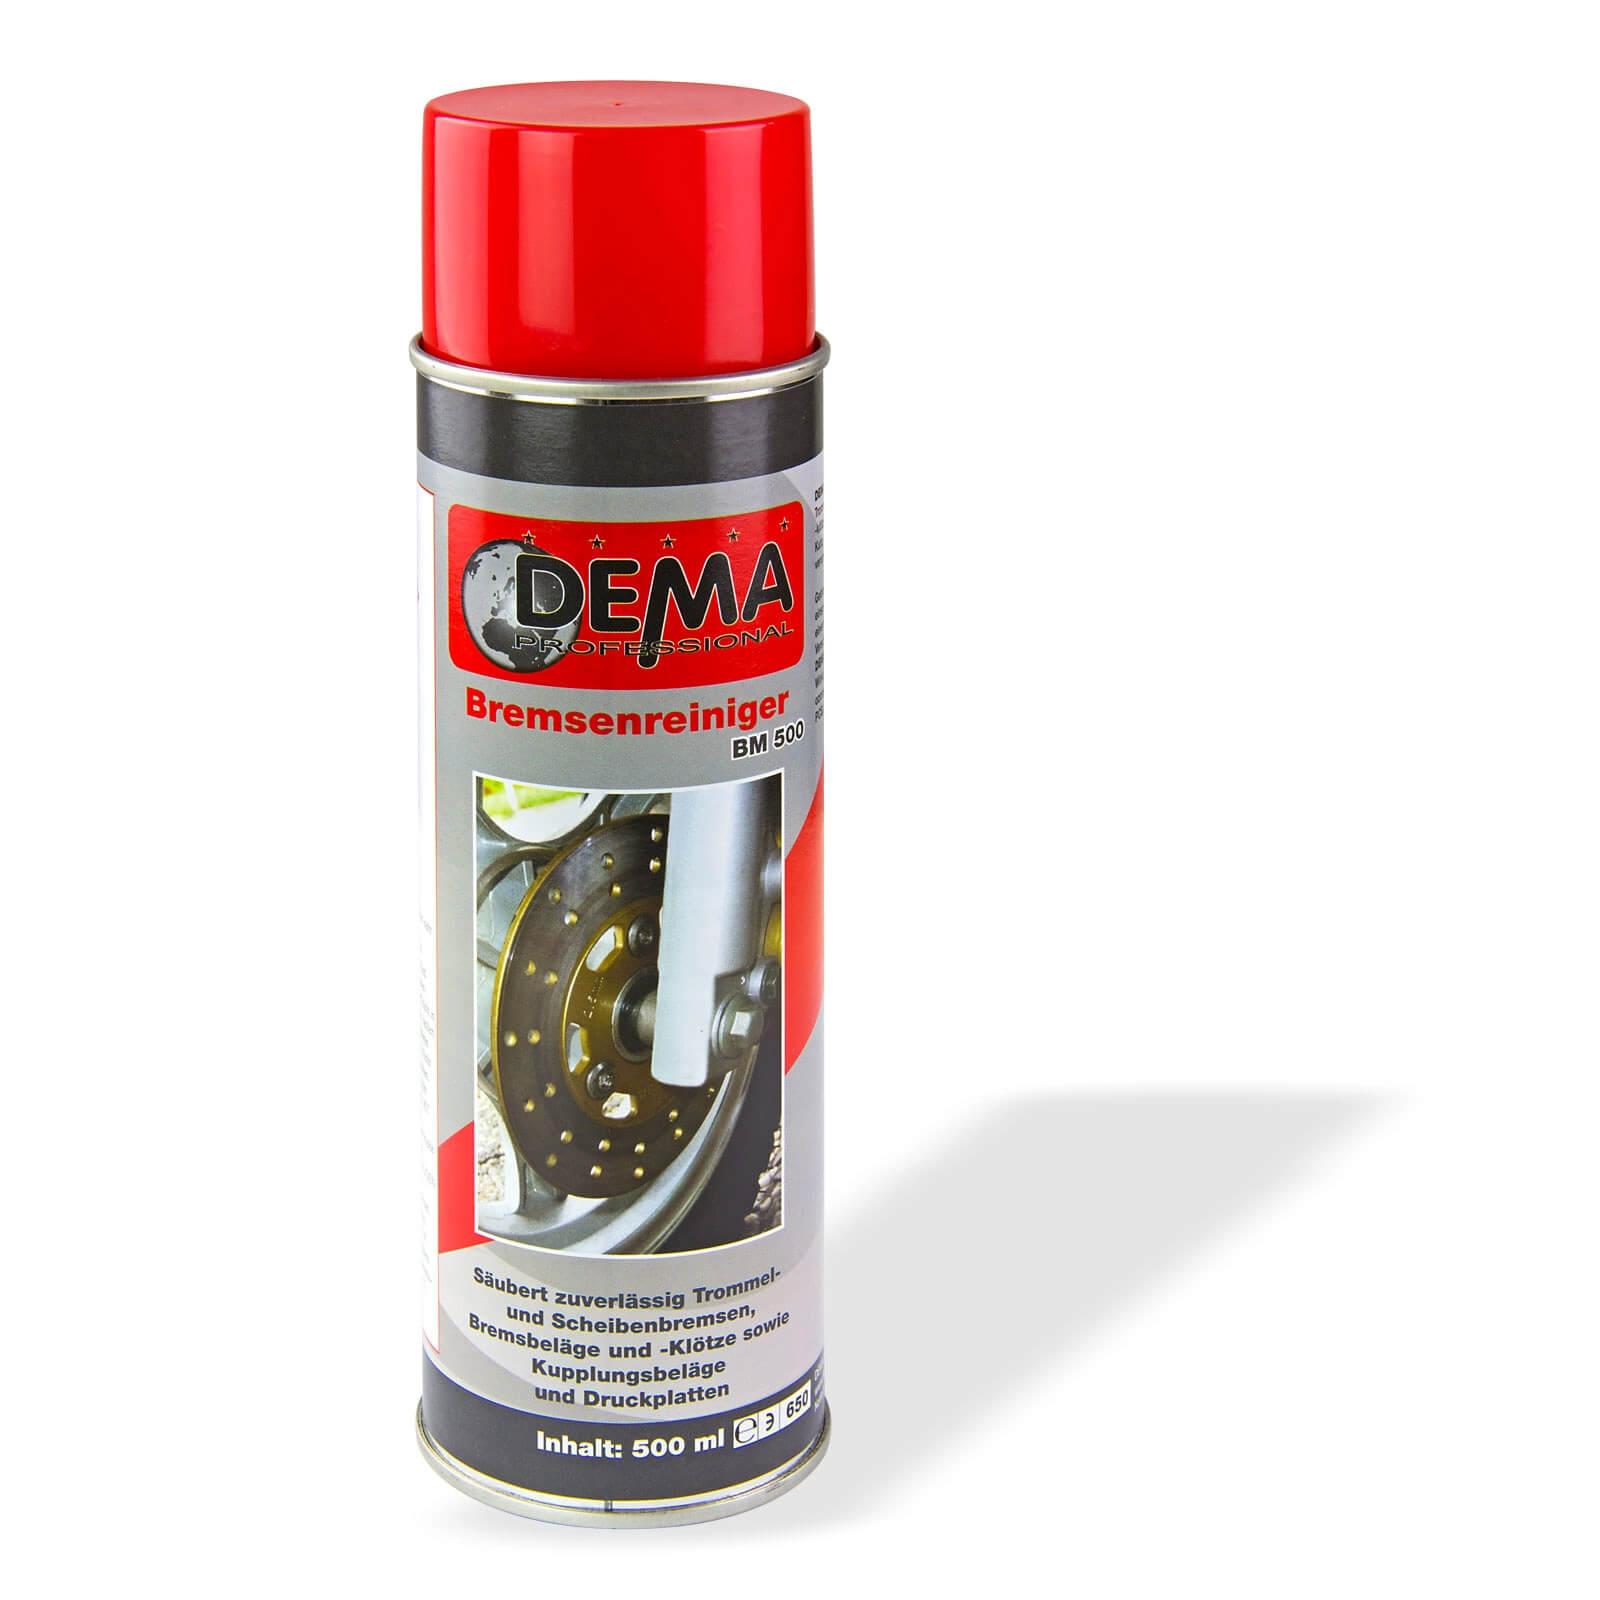 Dema Bremsenreiniger PRO 500 ml Spray Bremsen Autopflege Teilereiniger 20425